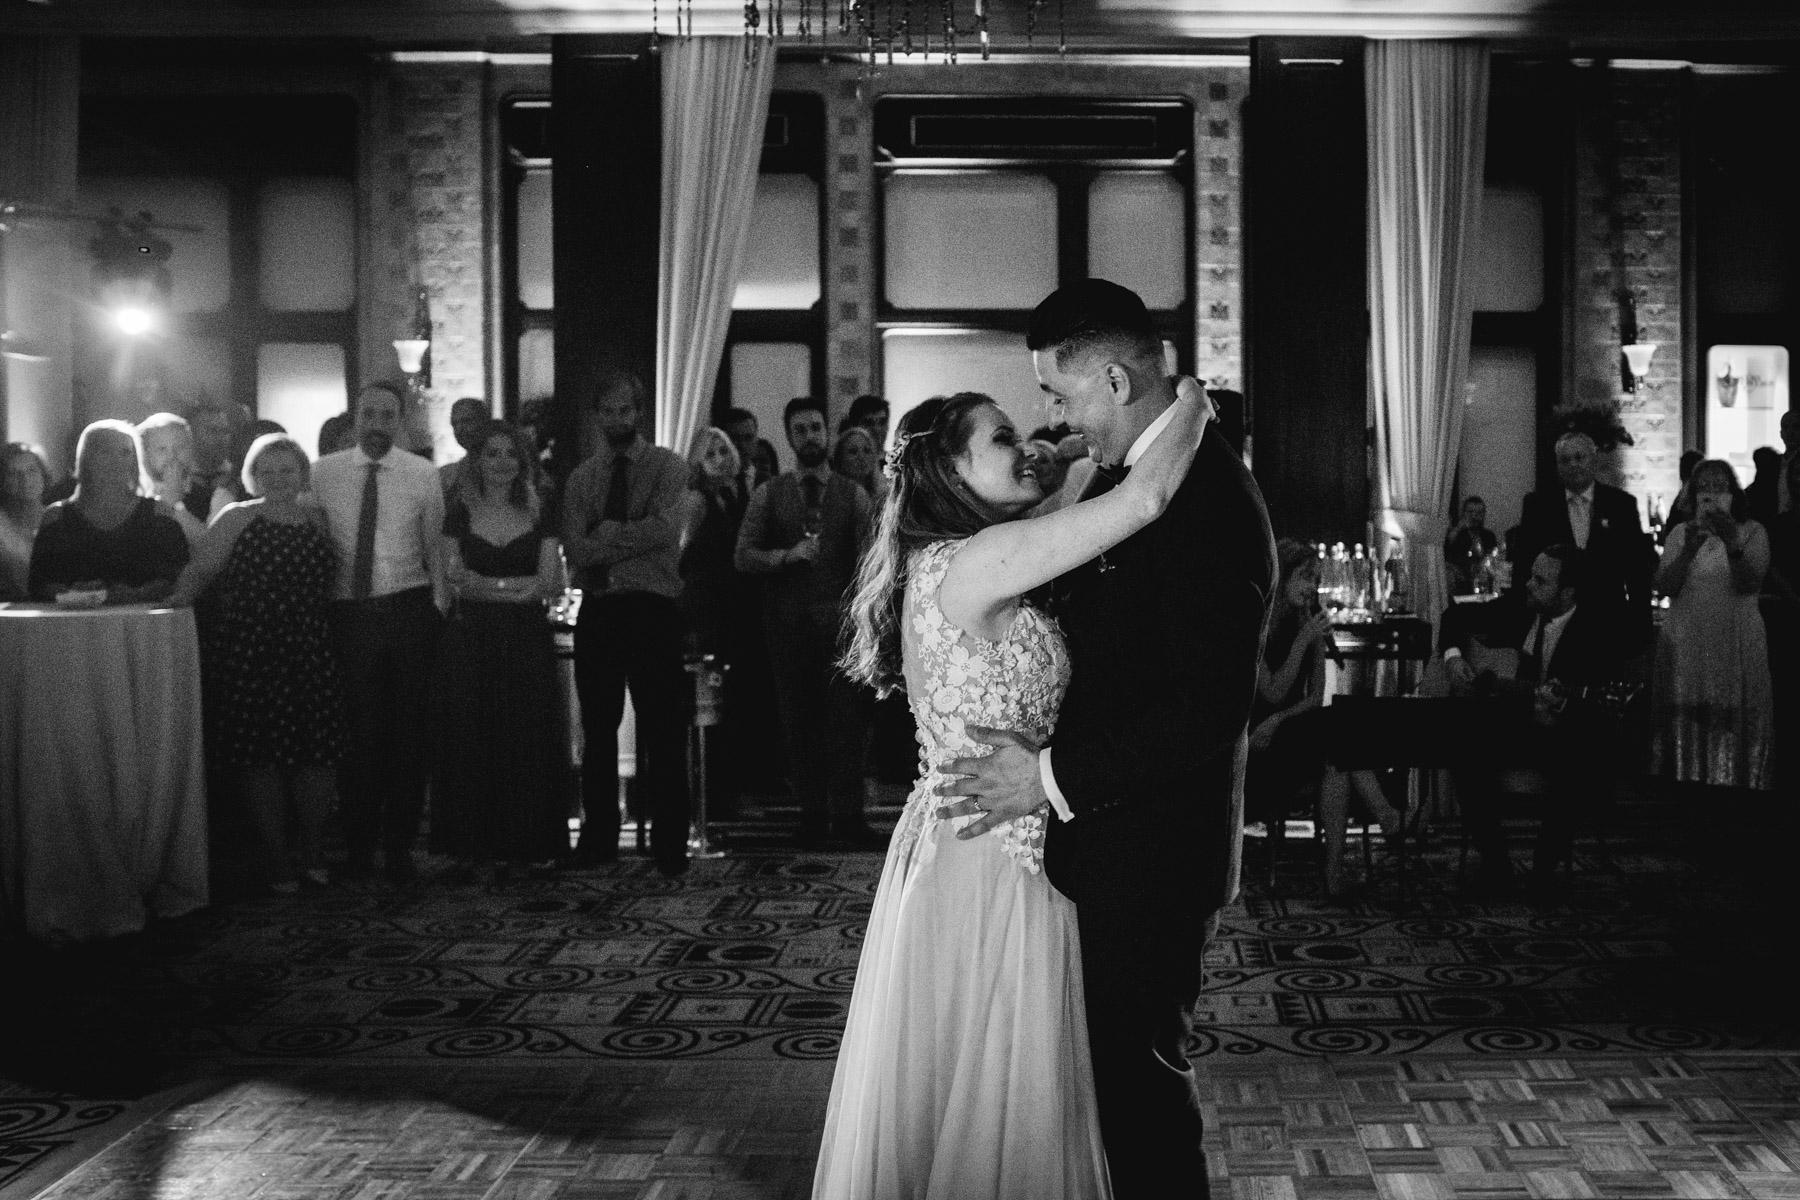 MartinLiebl_Kein_Hochzeitsfotograf_No_Wedding_Photographer_Budapest_Gresham_Palace_071.jpg